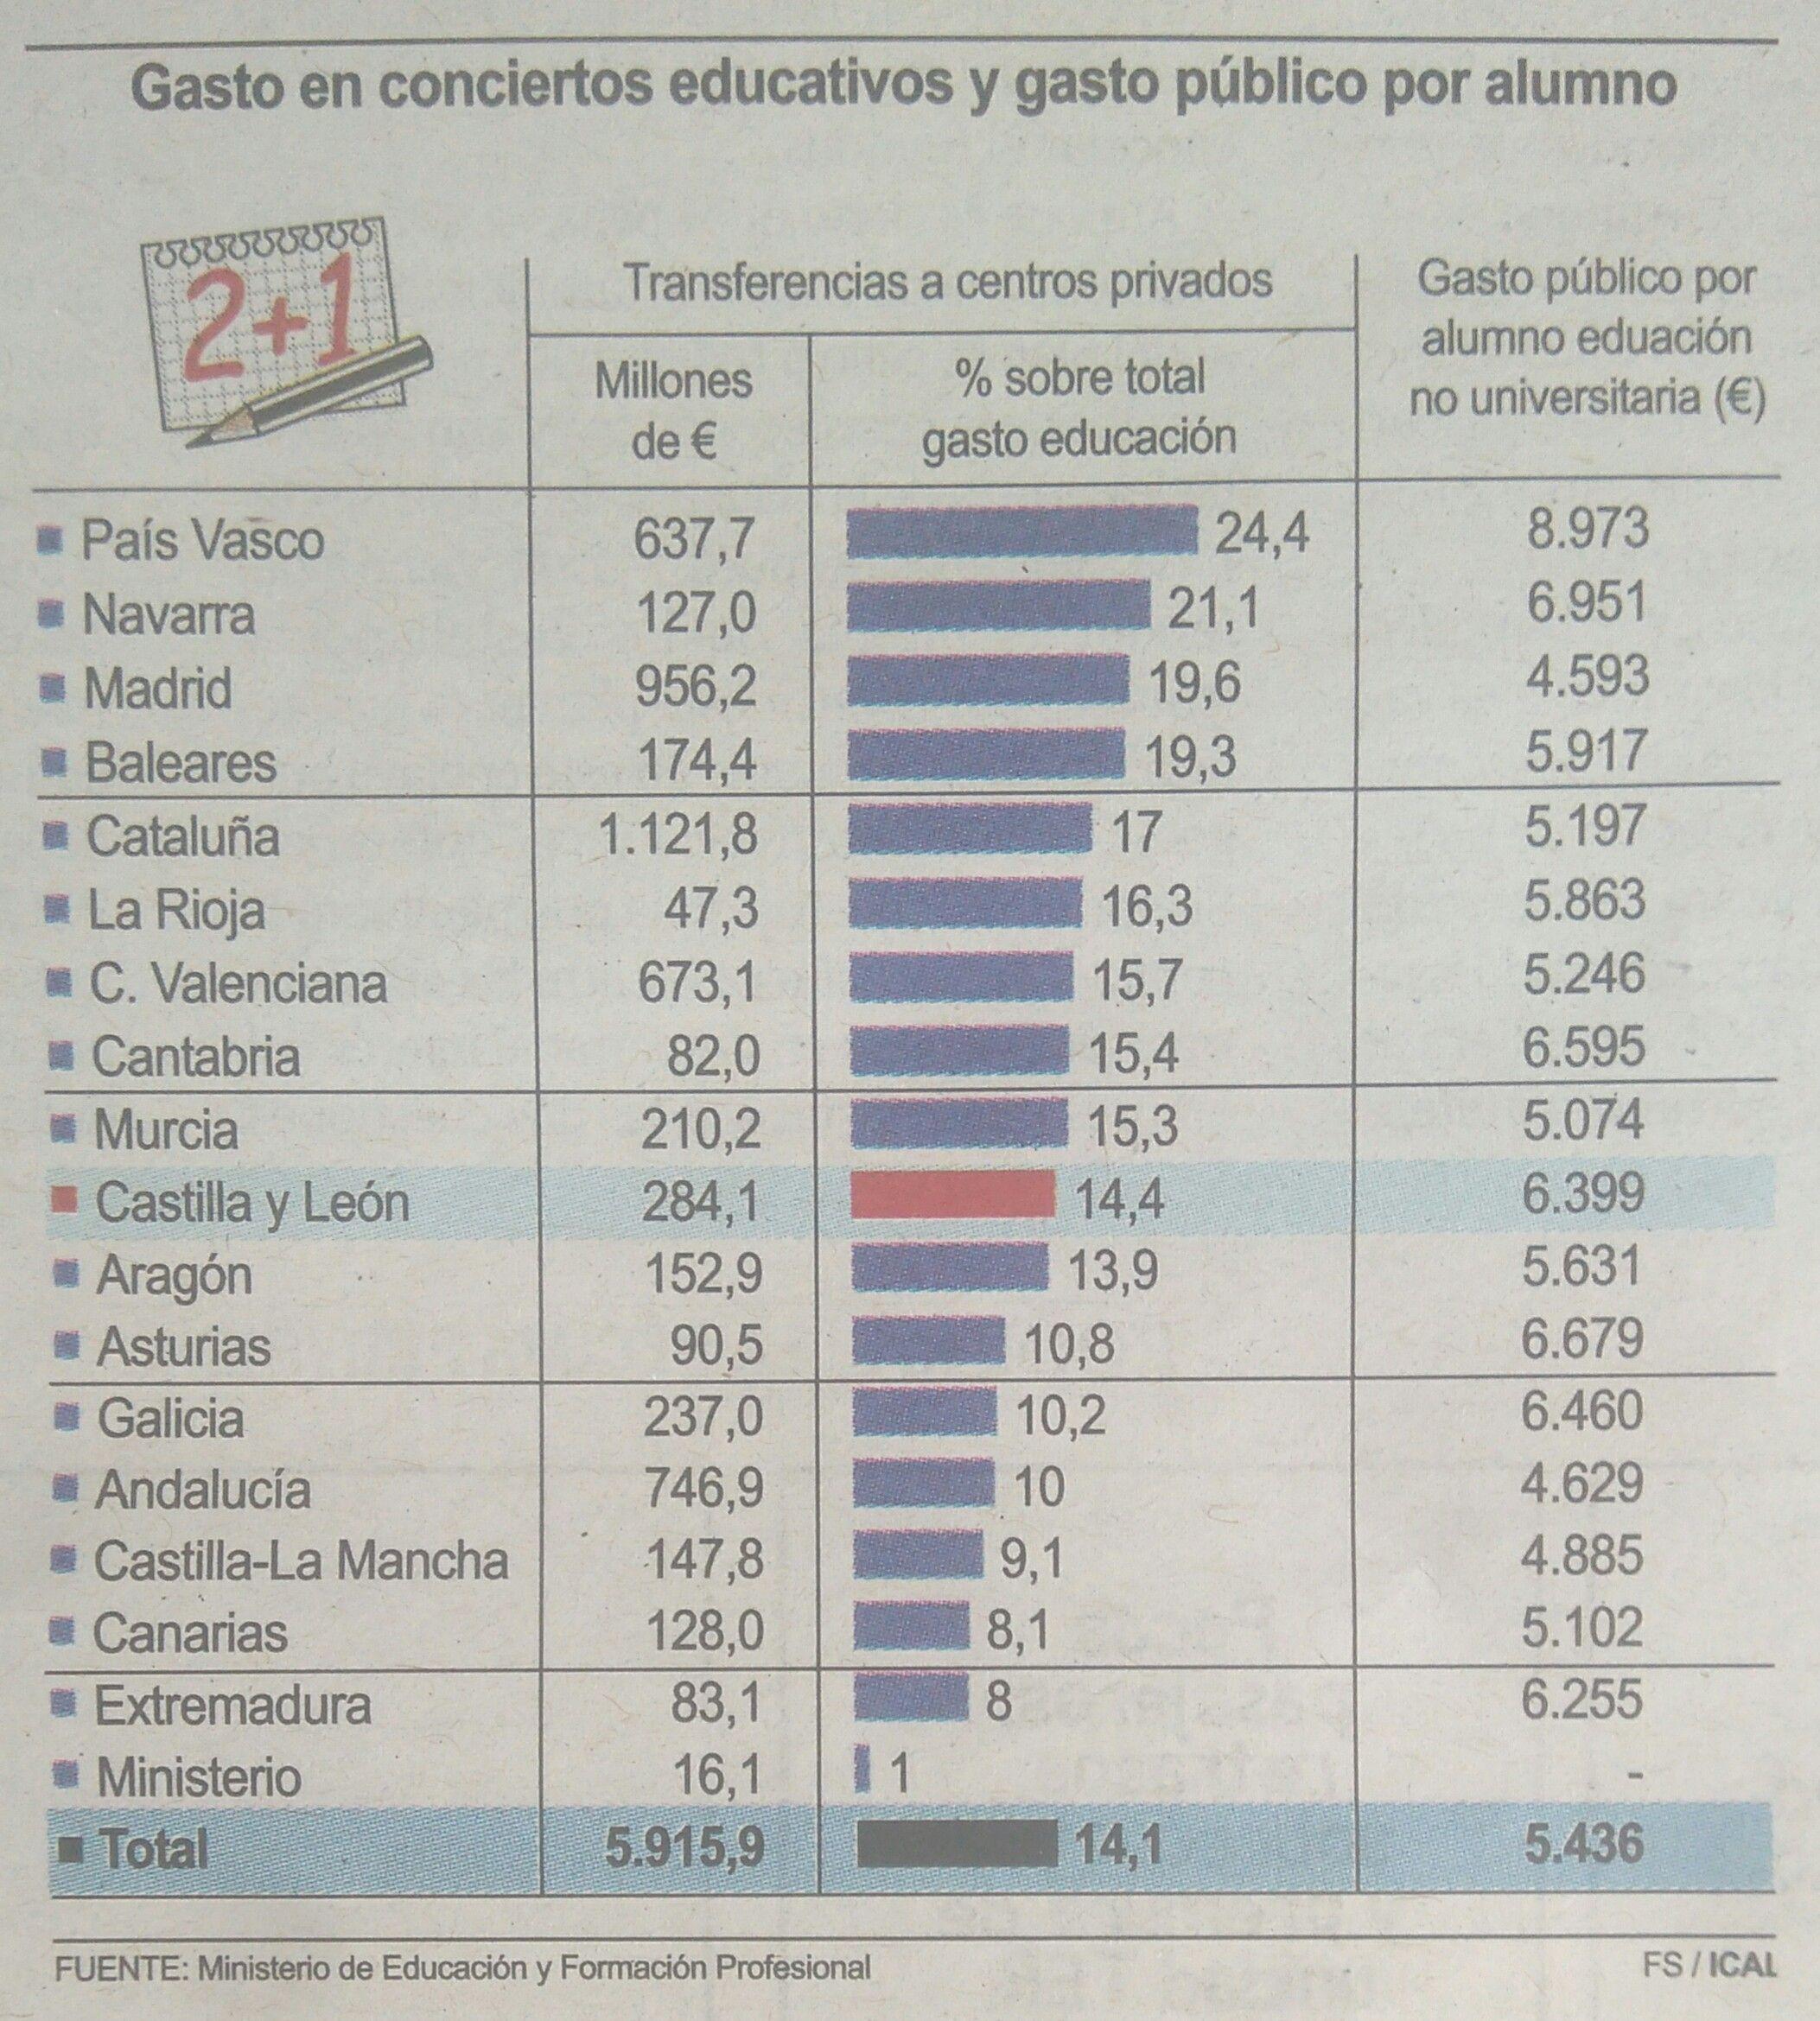 Gasto-Conciertos-CyL